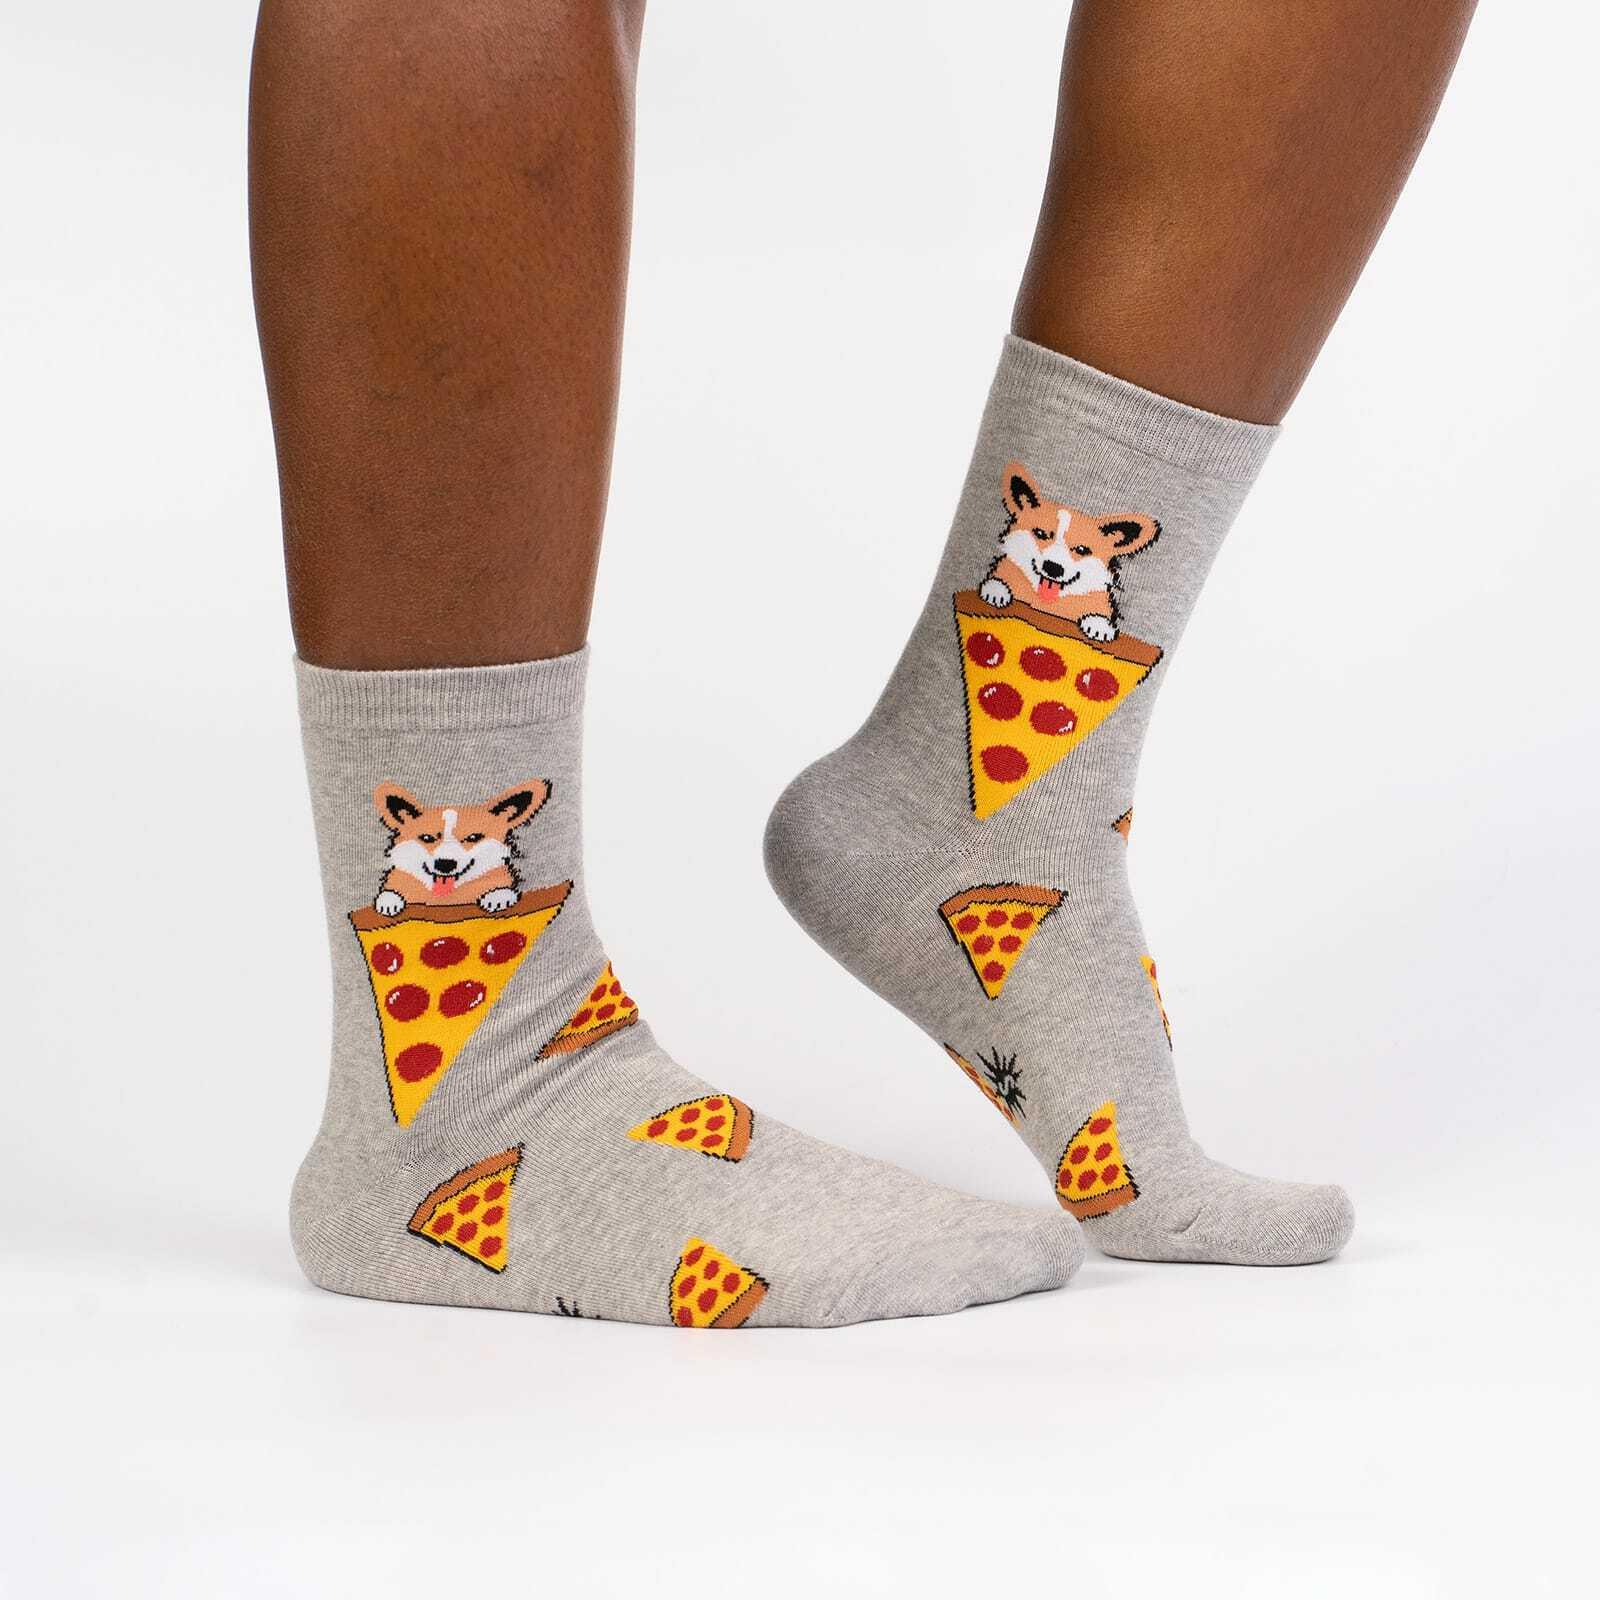 model wearing Best Friends Women's Crew Socks